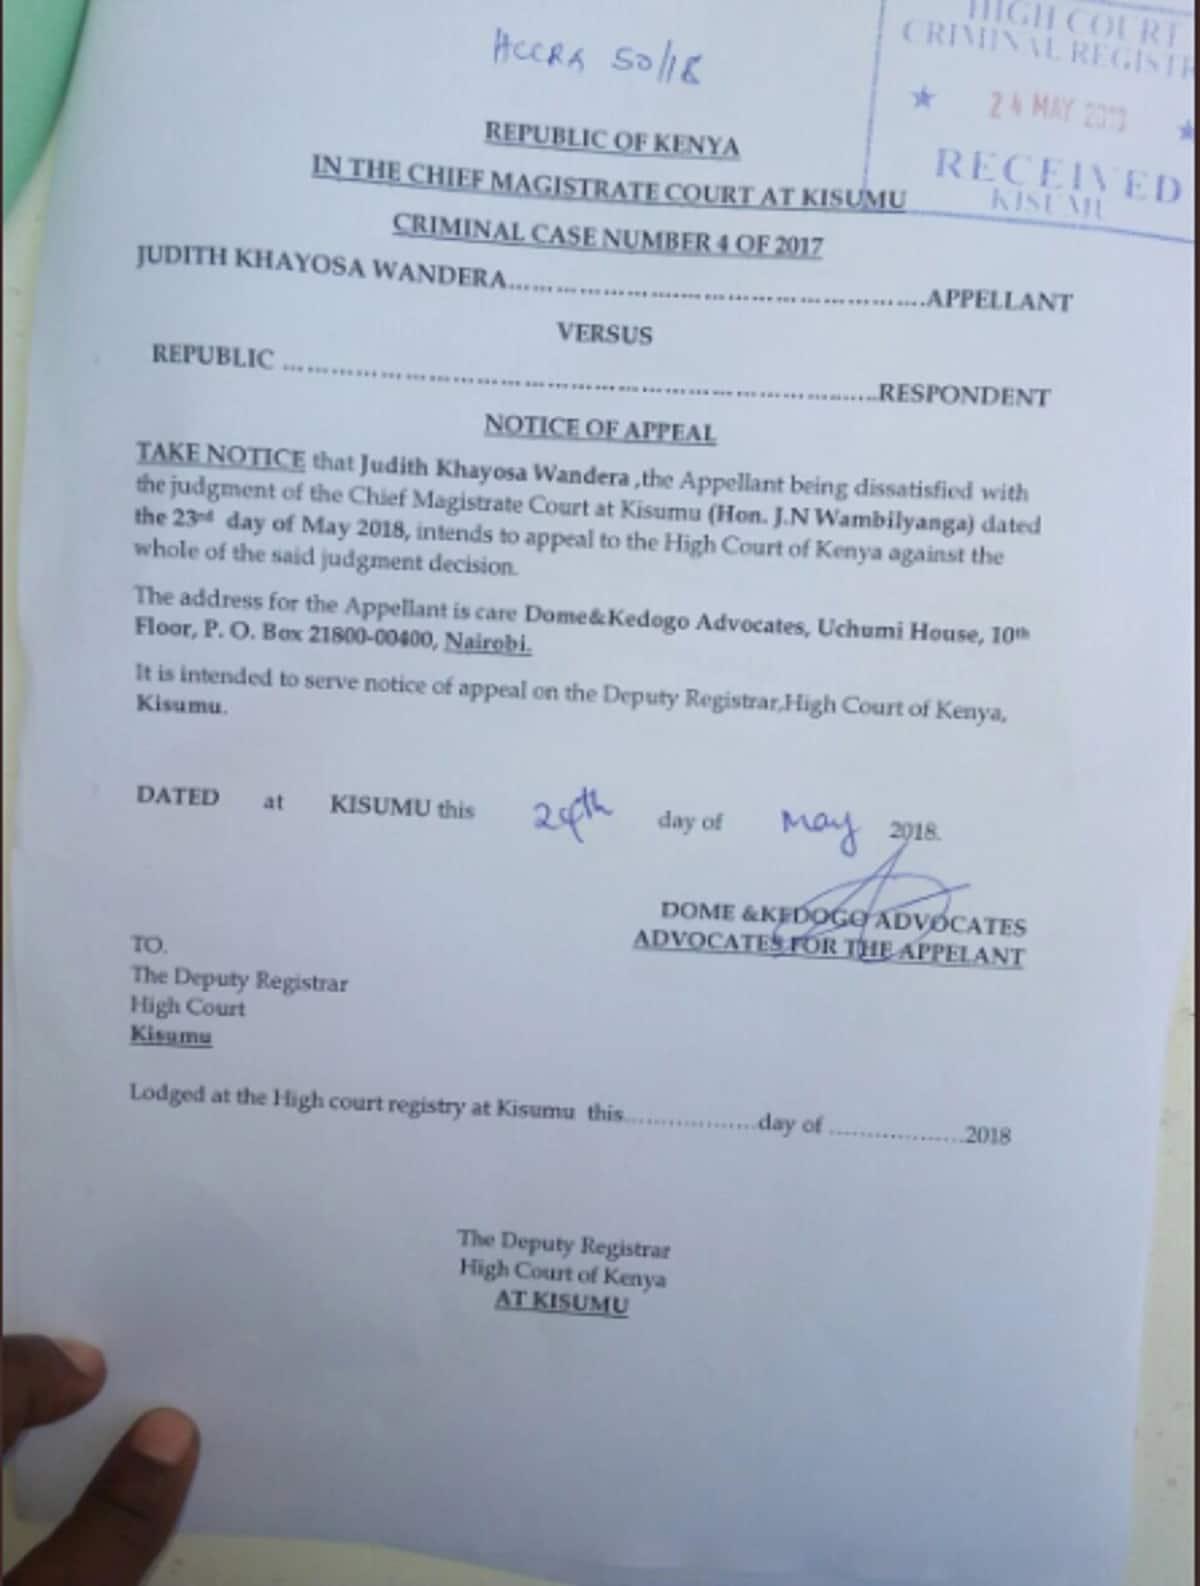 Mwanamke aliyehukumiwa kifungo cha miaka 15 kwa kushiriki ngono na kijana mdogo apinga hukumu huo